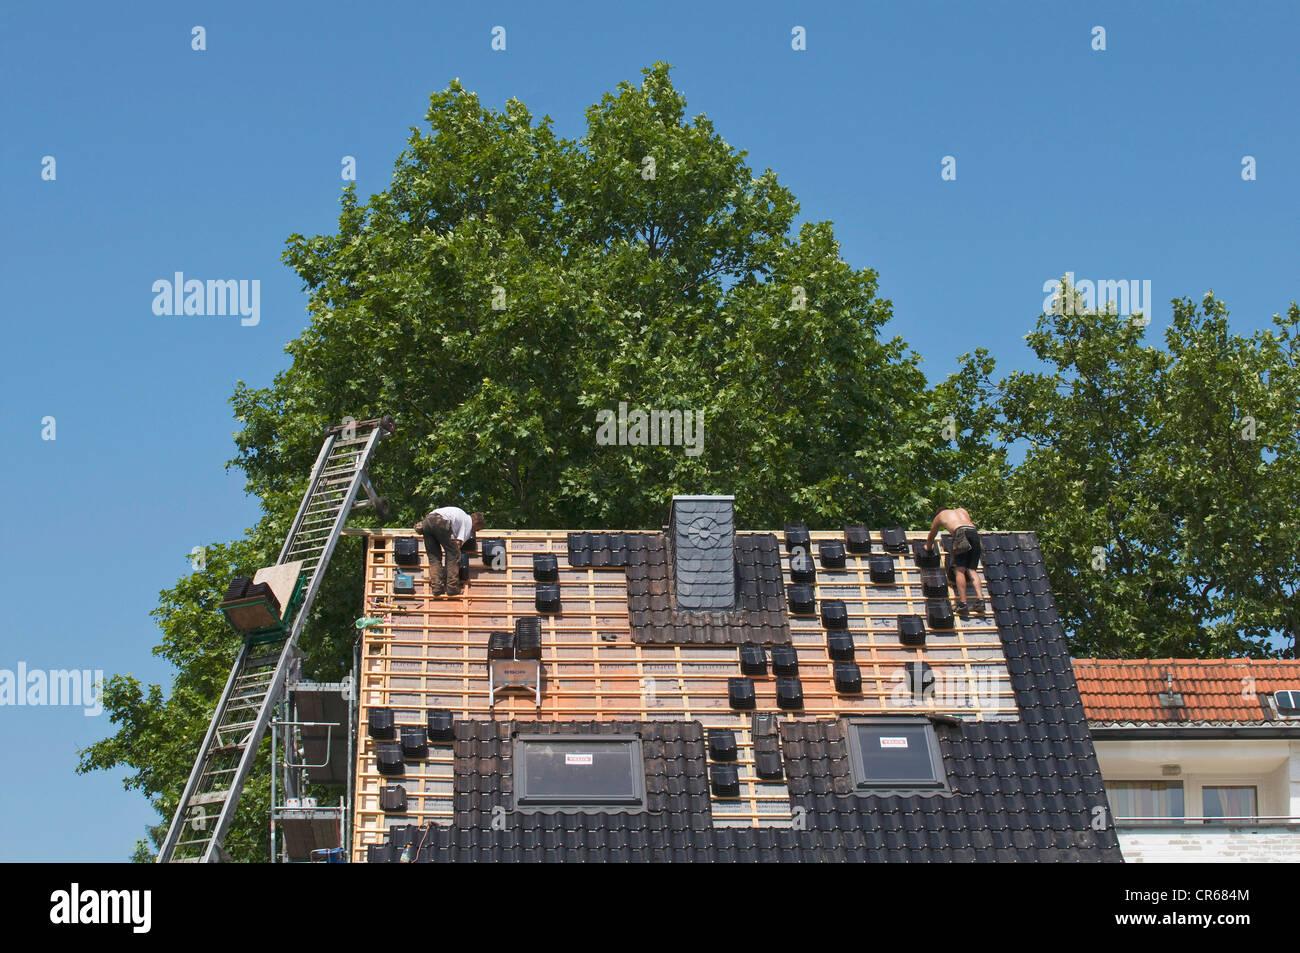 Un techo está embaldosado, edificio residencial, modernización, PublicGround Imagen De Stock